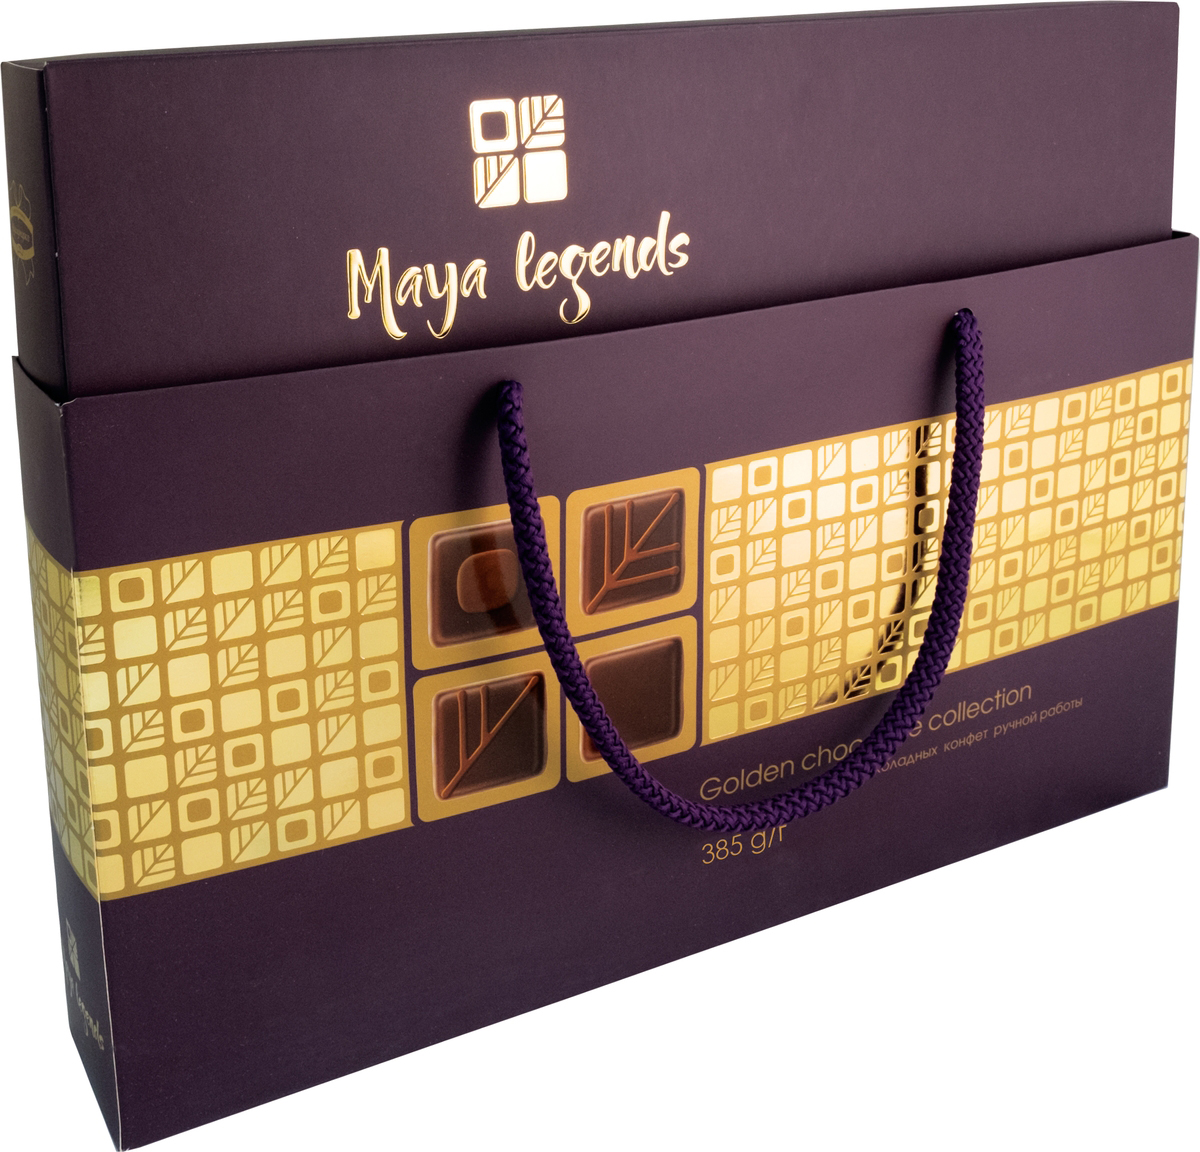 Коммунарка Легенды майя набор конфет цвет темный, 385 г коммунарка цитрон топ глазированная помадка со вкусом лимона конфеты 200 г